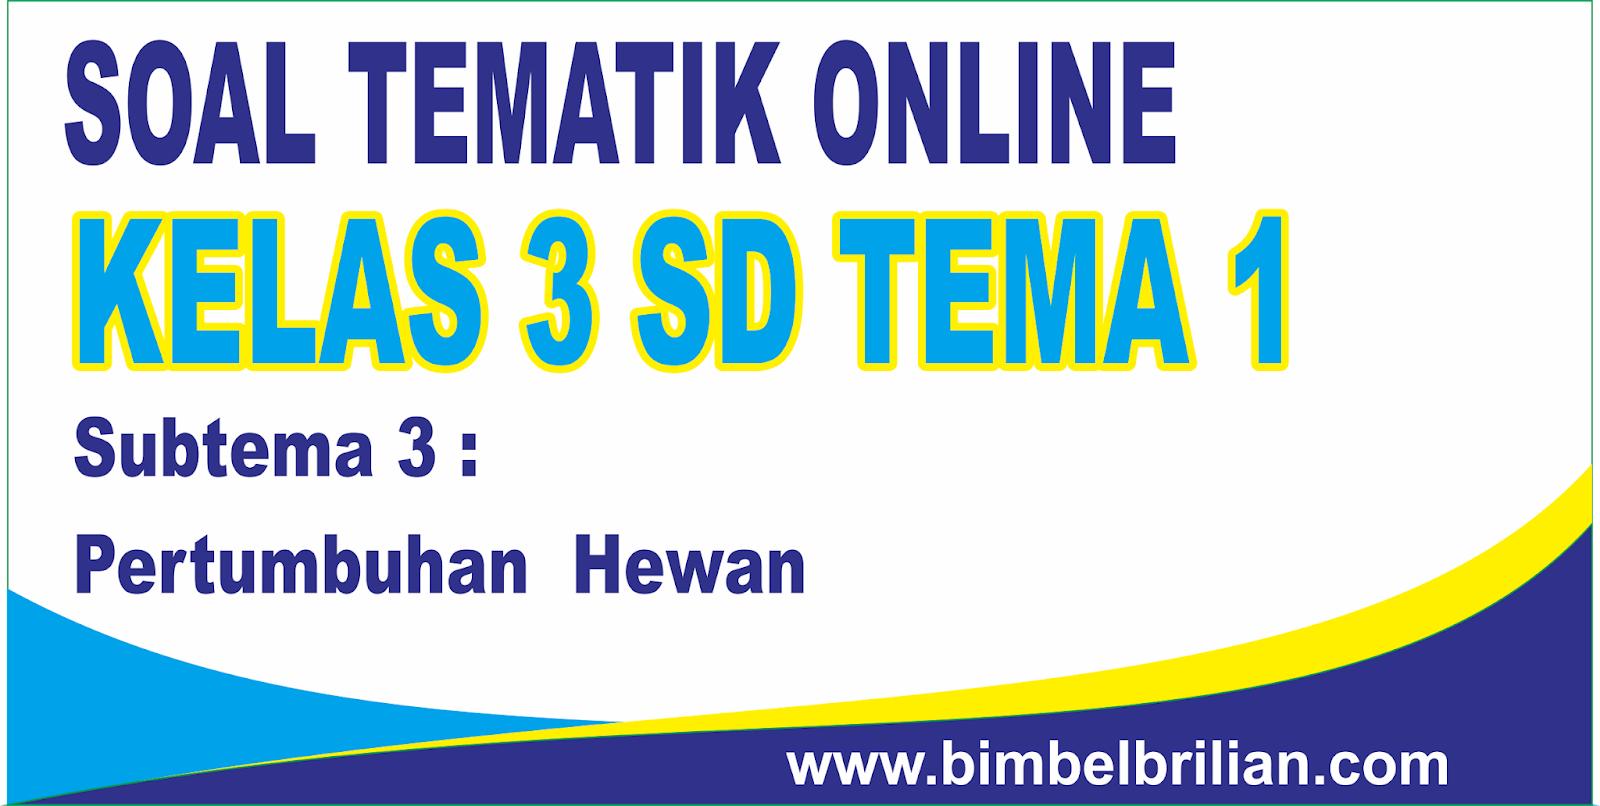 Download Soal Tematik Kelas 3 Sd Tema 1 Subtema 3 Pertumbuhan Hewan Dan Kunci Jawaban Bimbel Brilian